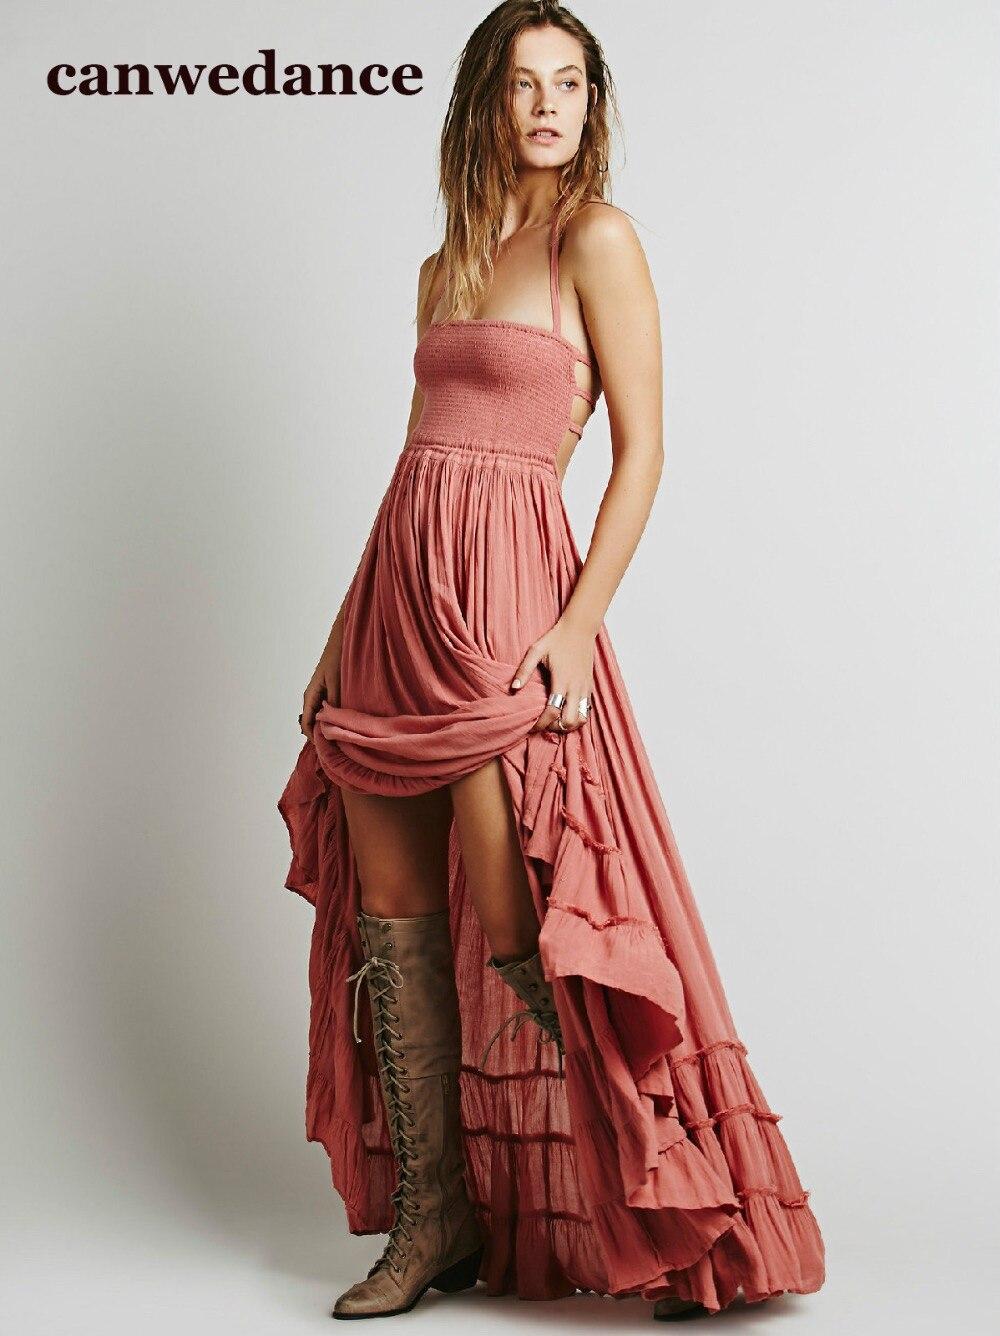 2016 Пляж платье сексуальные платья boho чешские люди Отдыха летом длинные blackless хлопок женщины party hippie chic vestidos mujer